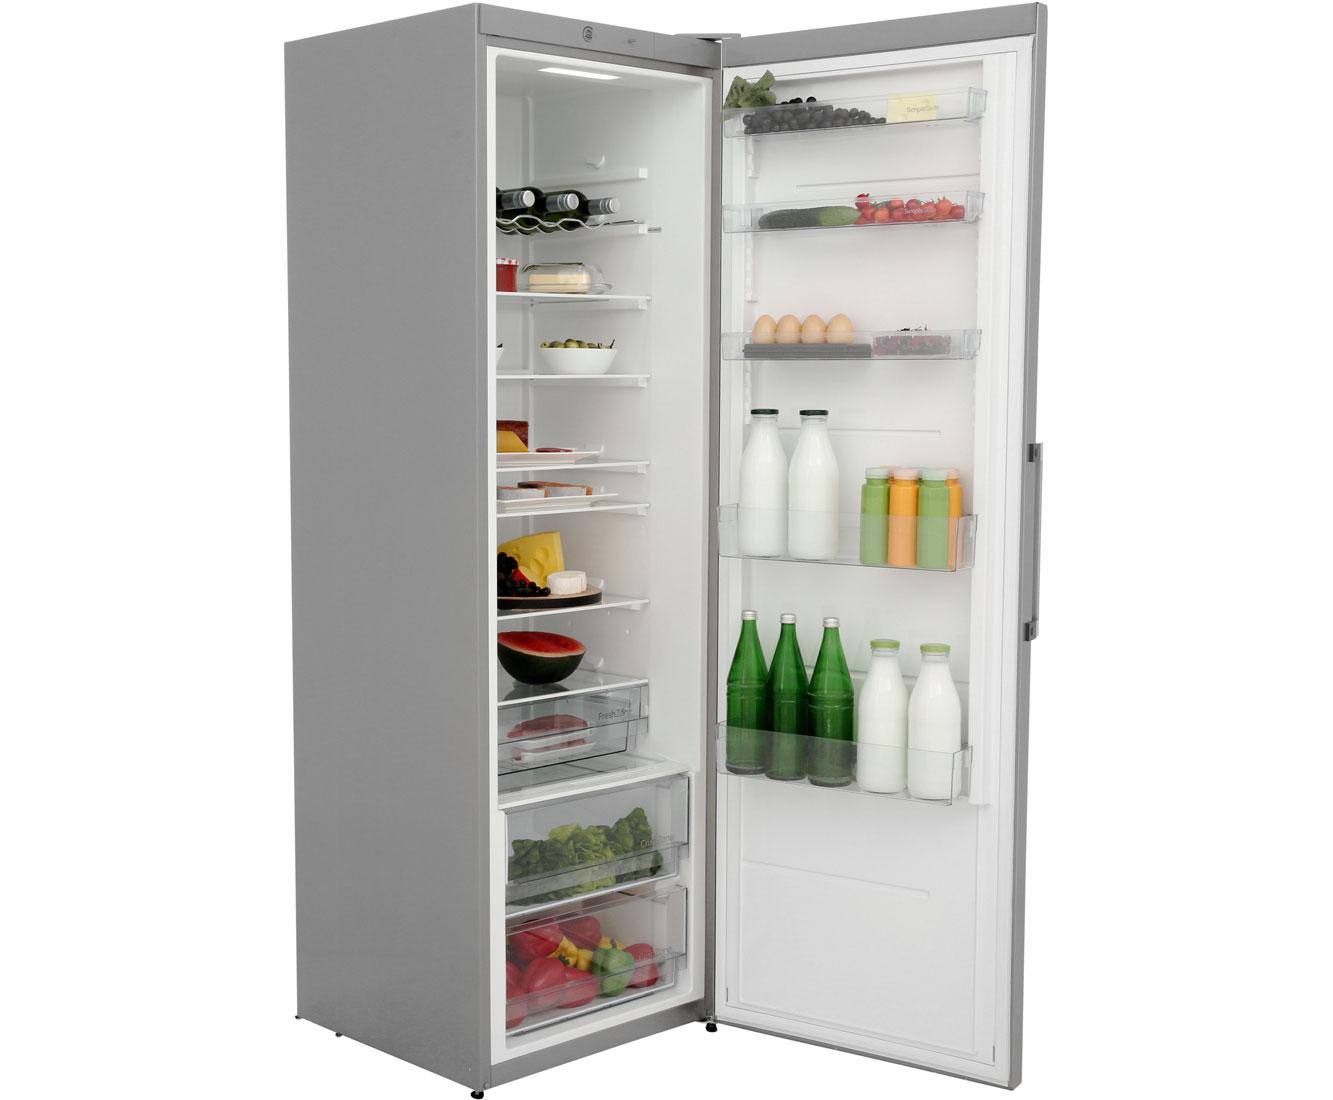 Gorenje Kühlschrank Ventilator Schalter : Gorenje r fw kühlschrank weiß a